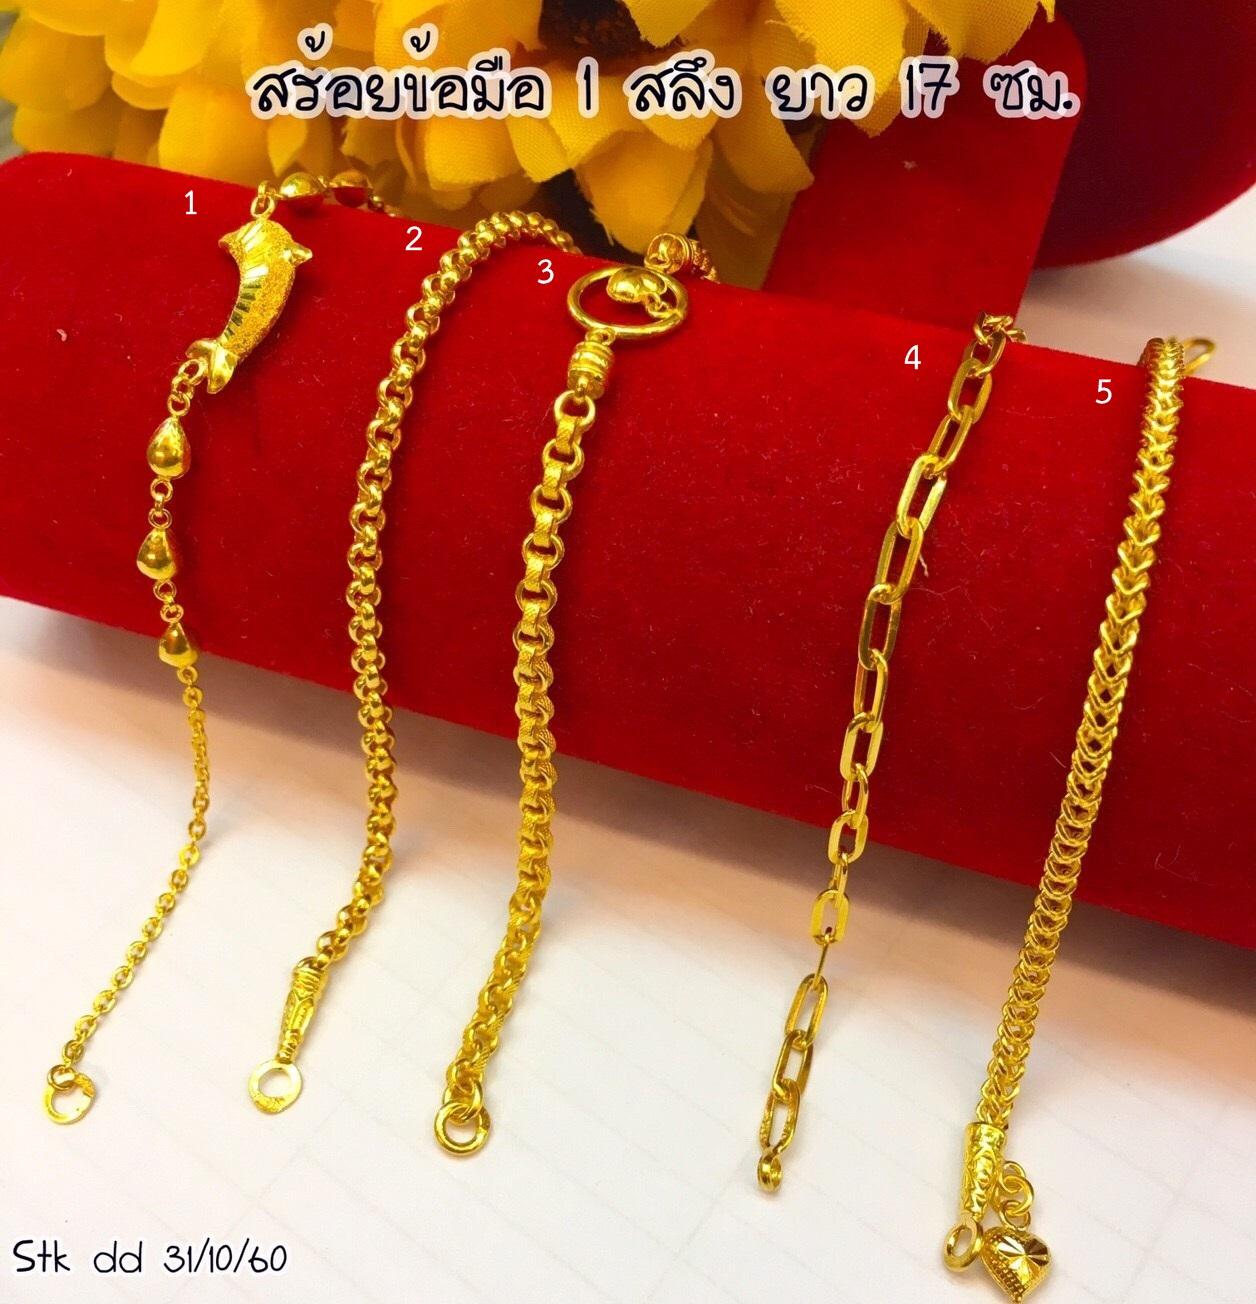 สร้อยข้อมือทองแท้ 96.5% หนัก 1 สลึง /ยาว 17 เซน